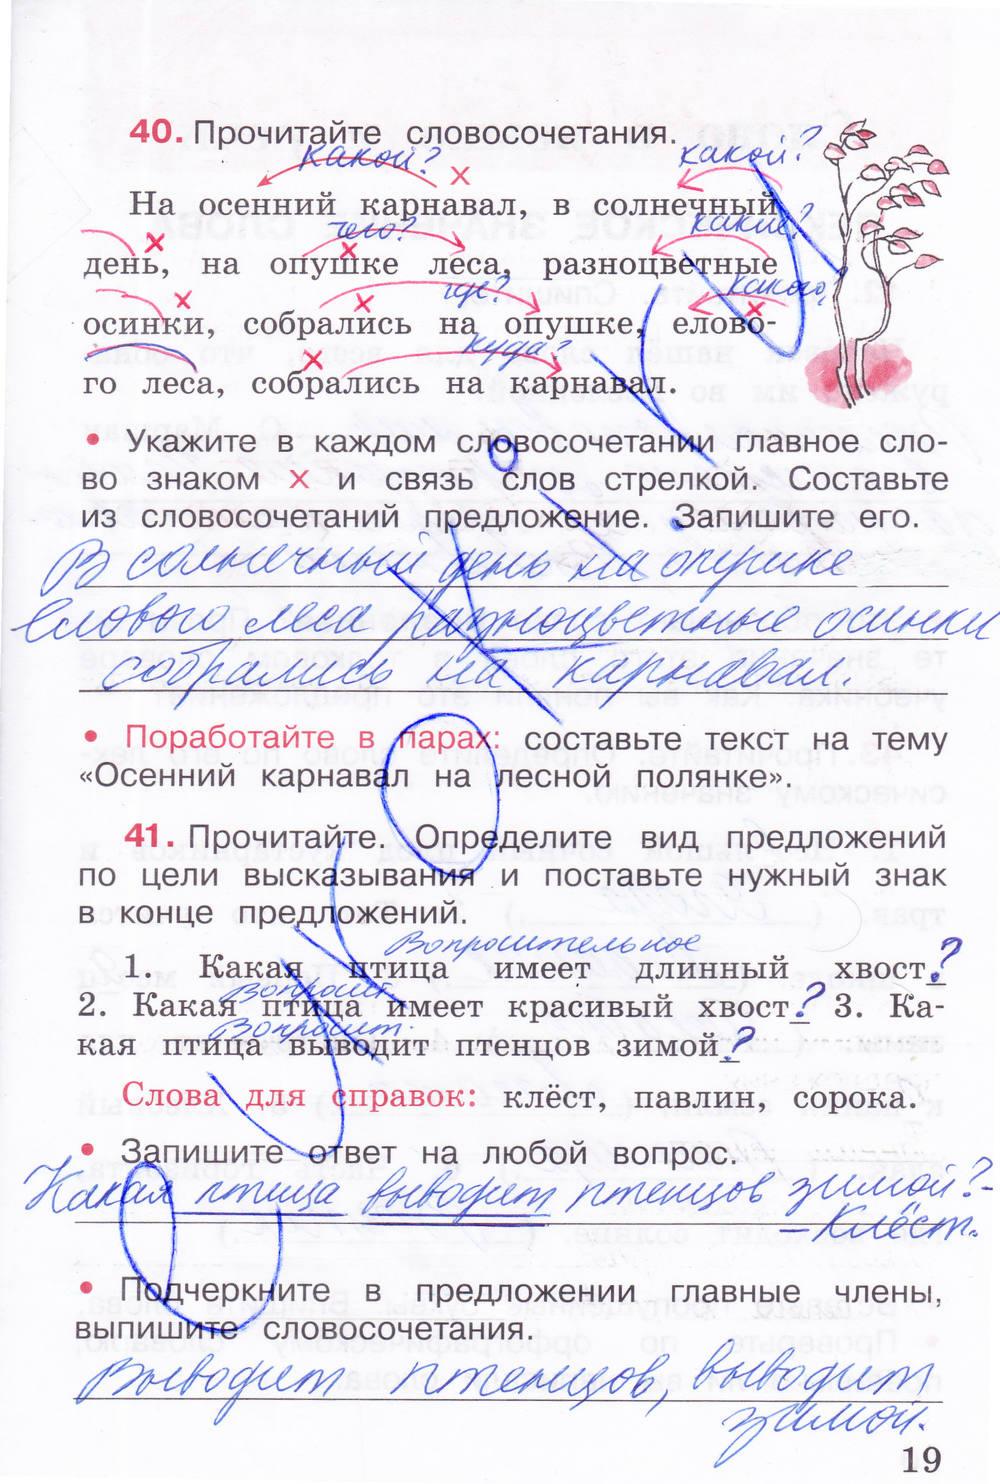 Гдз рабочая языку класс решебник 1 гдз часть 3 канакина русскому по тетрадь